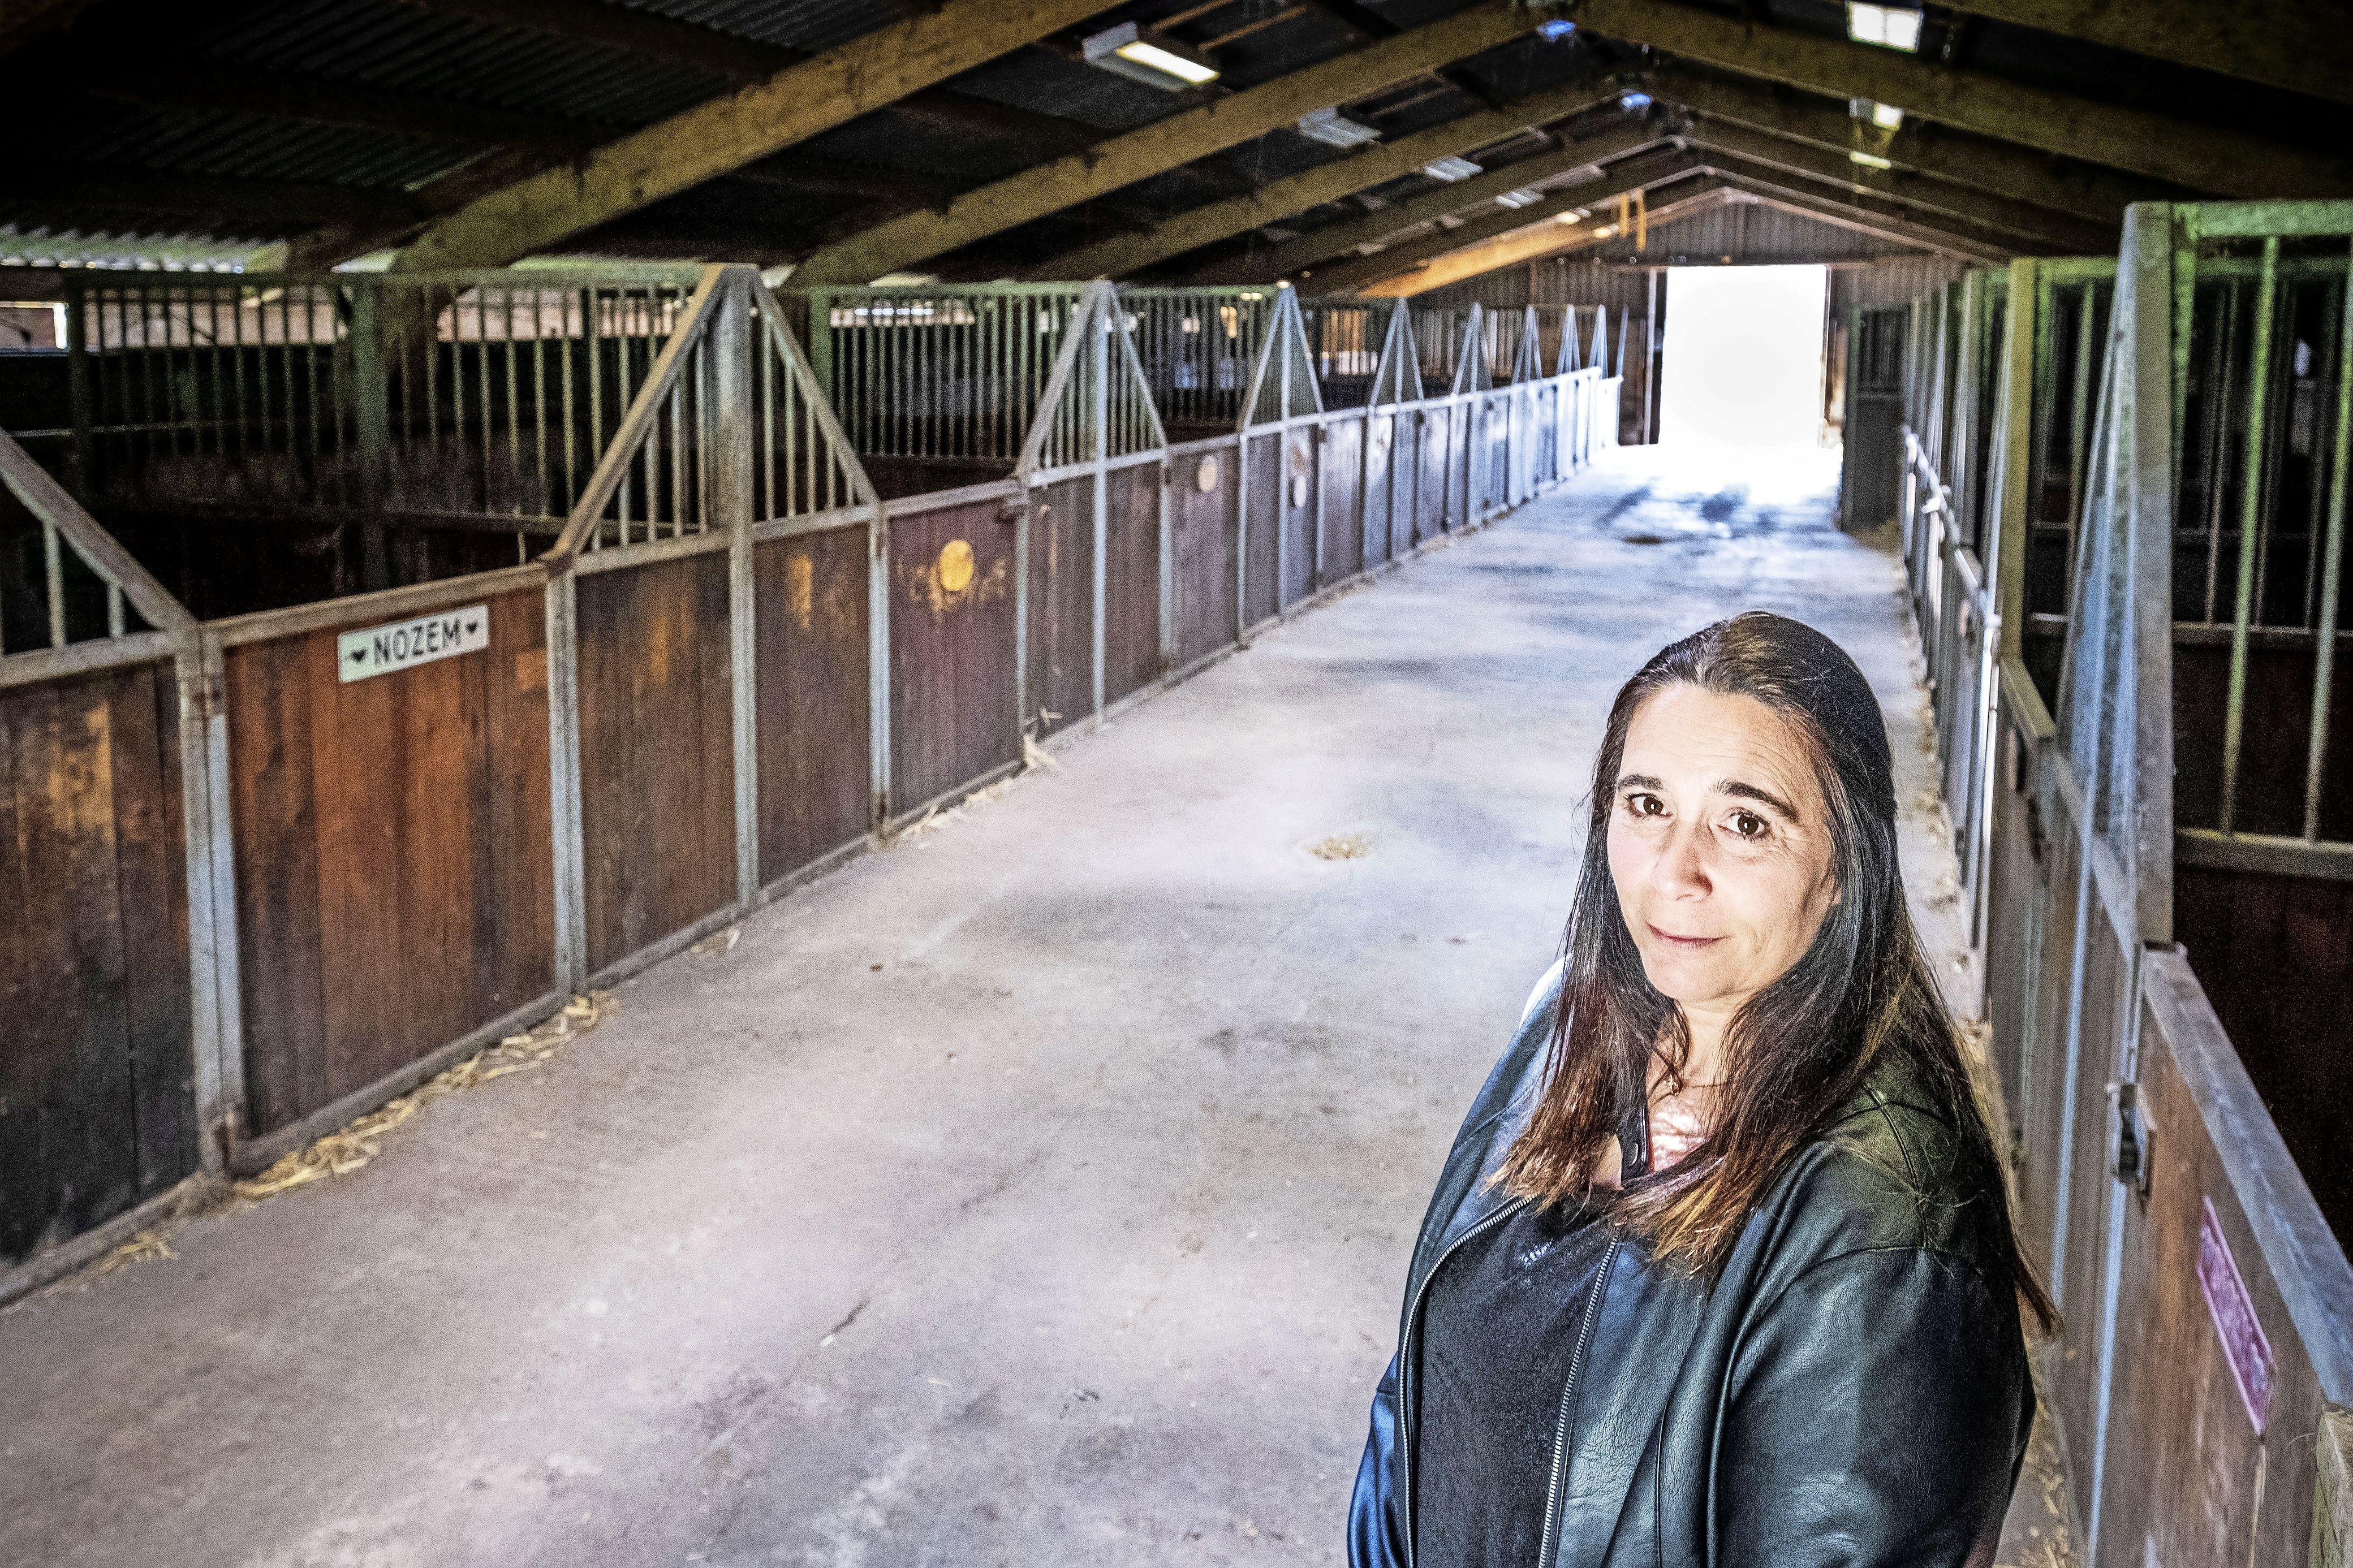 De stoeterij ligt stil, haar zorgboerderij komt in de knel. Paardenfokster Manuela Snijder zit door reconstructie 'dodenweg' N241 met de handen in het haar